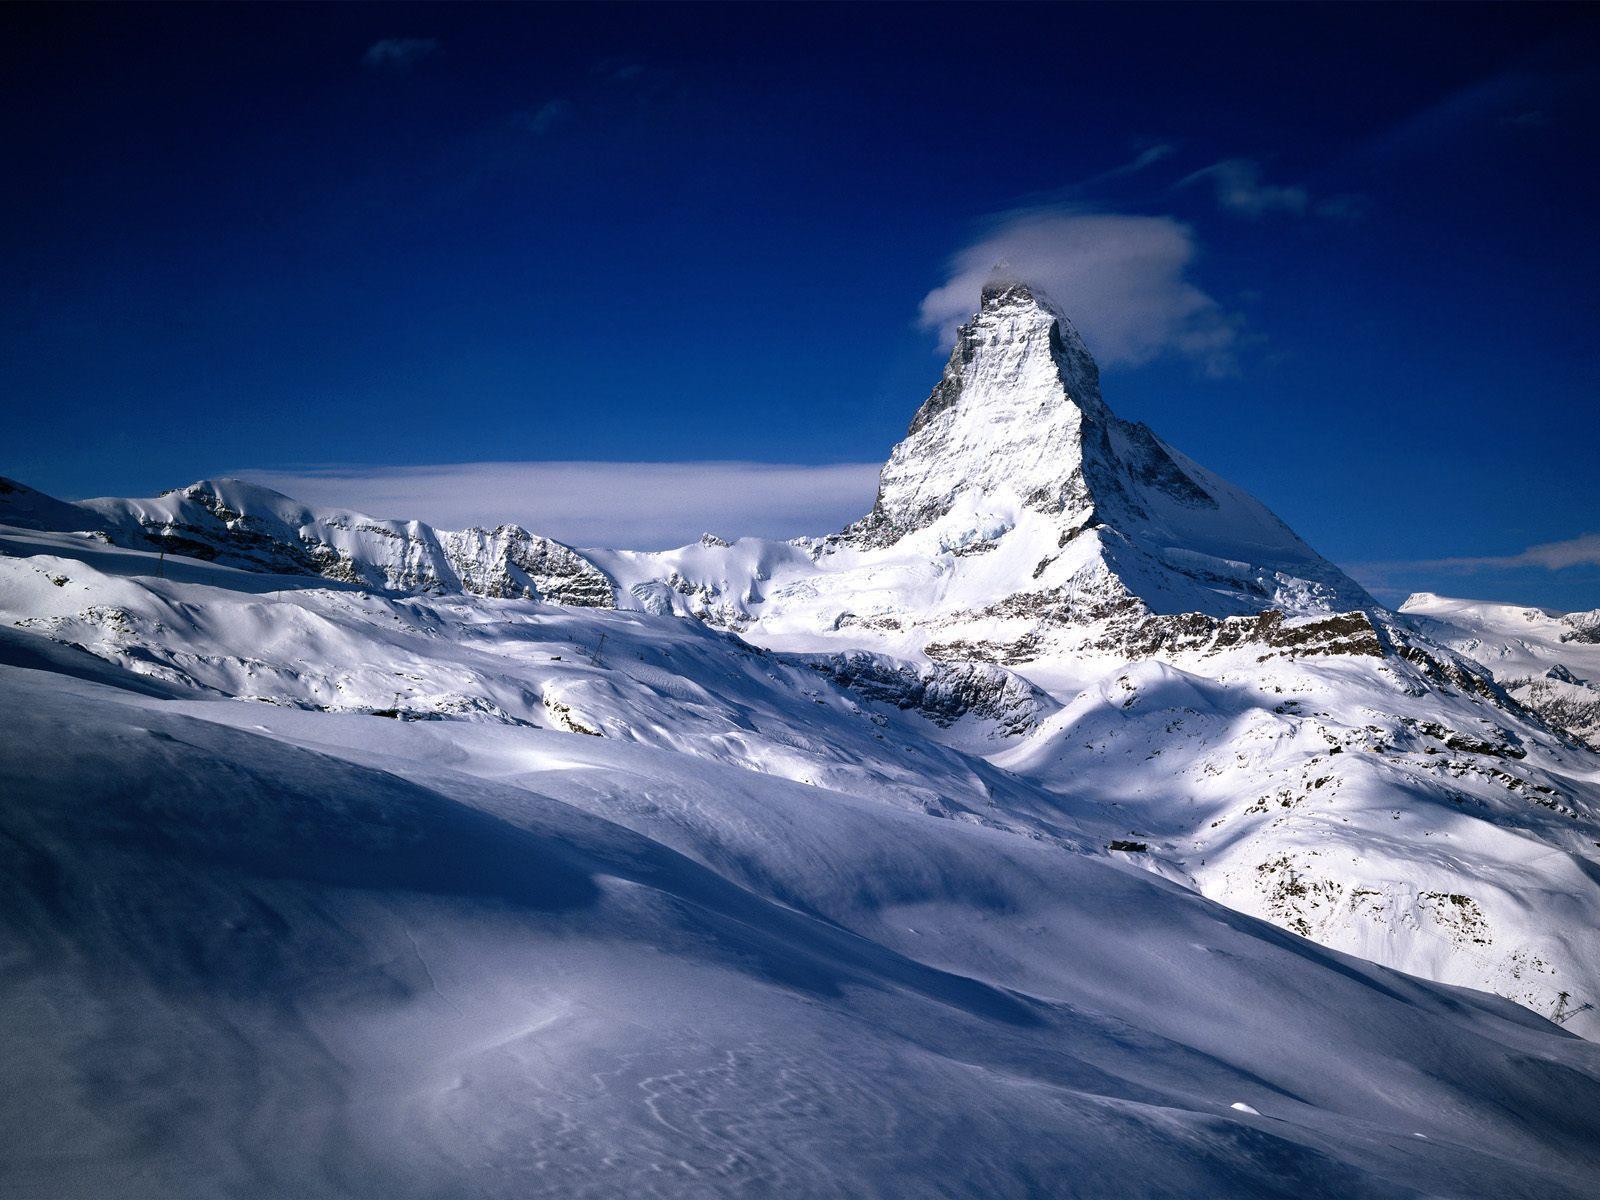 suisse_matterhorn-dans-le-valais